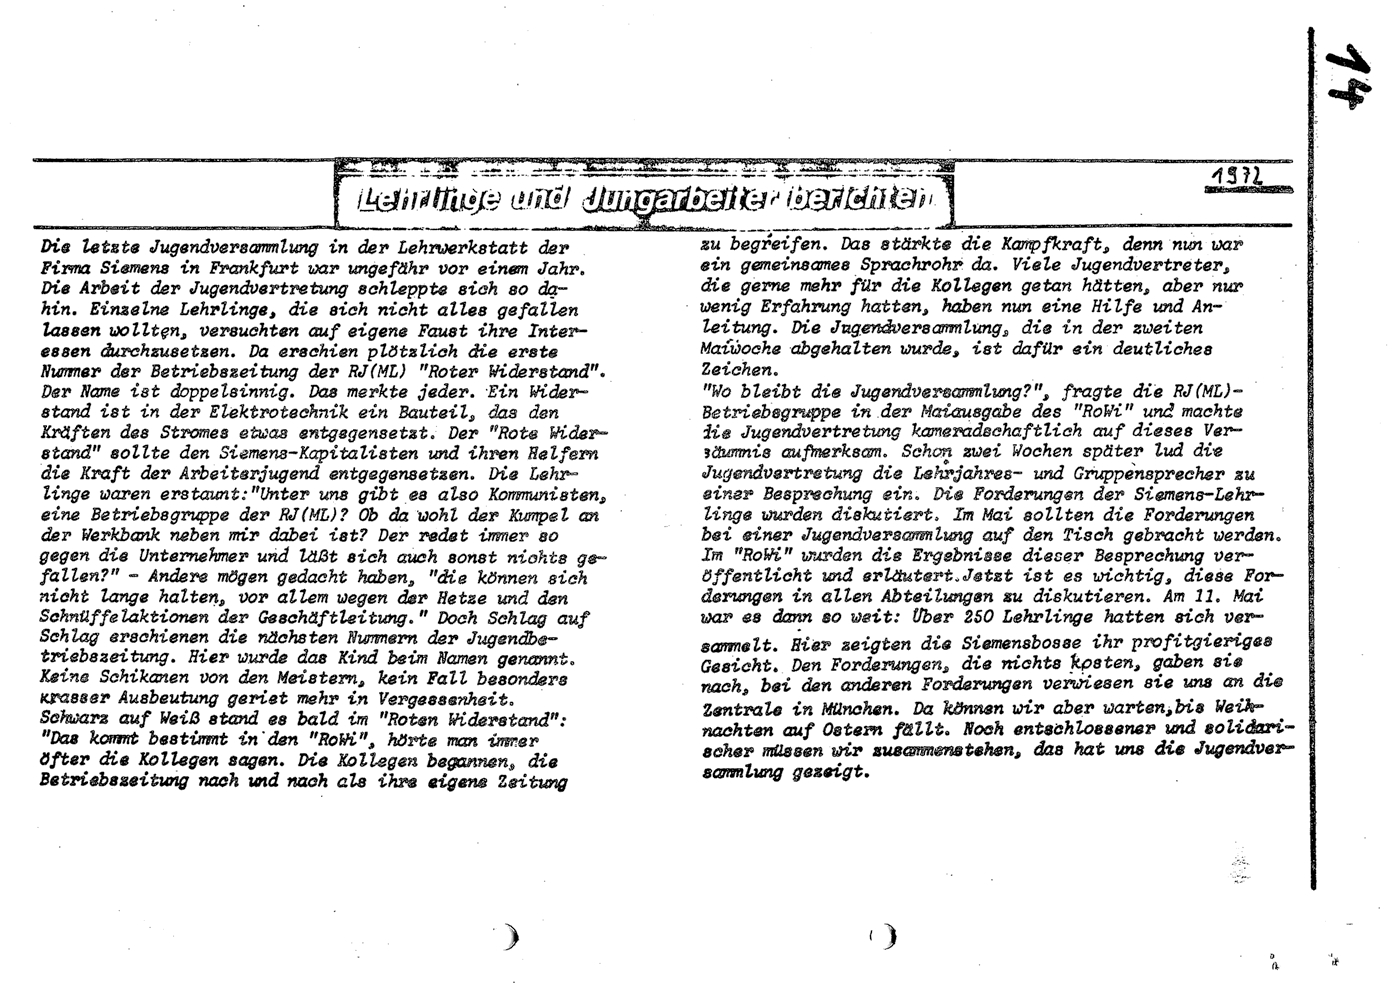 KABRW_Arbeitshefte_1977_25_013